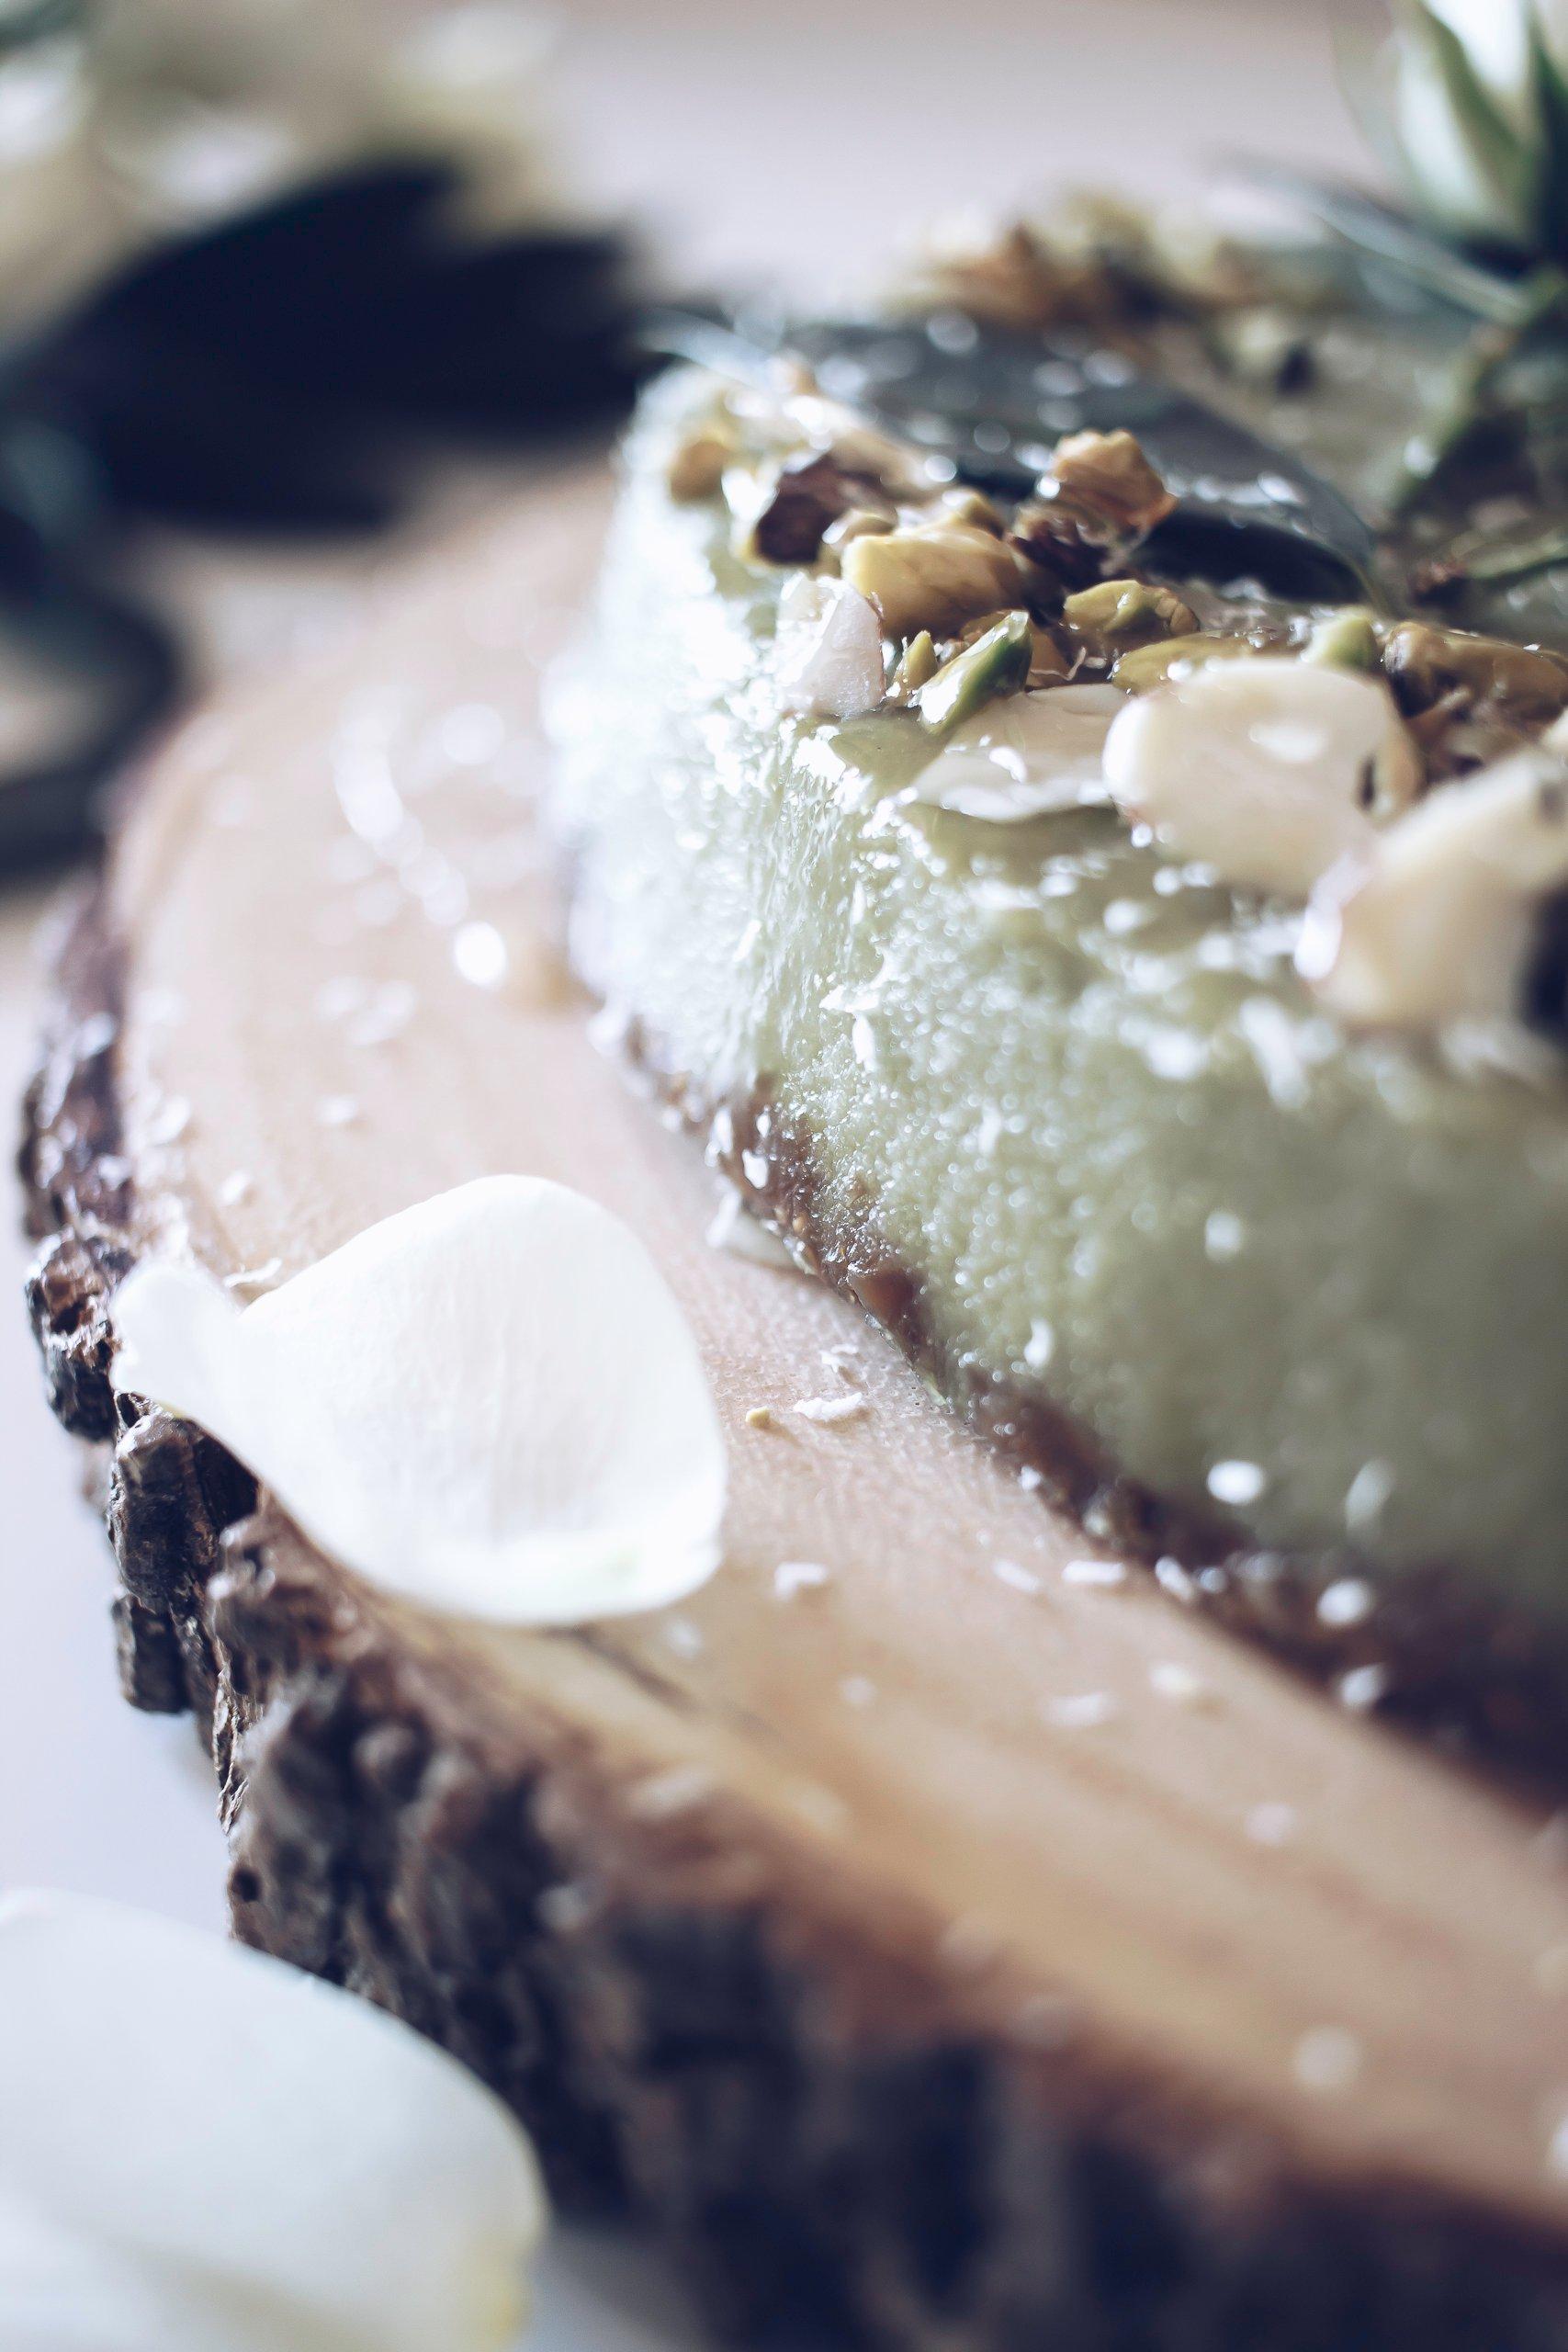 Tolle kinderleichte Anleitungen für Low Carb Käsekuchen mit Matcha